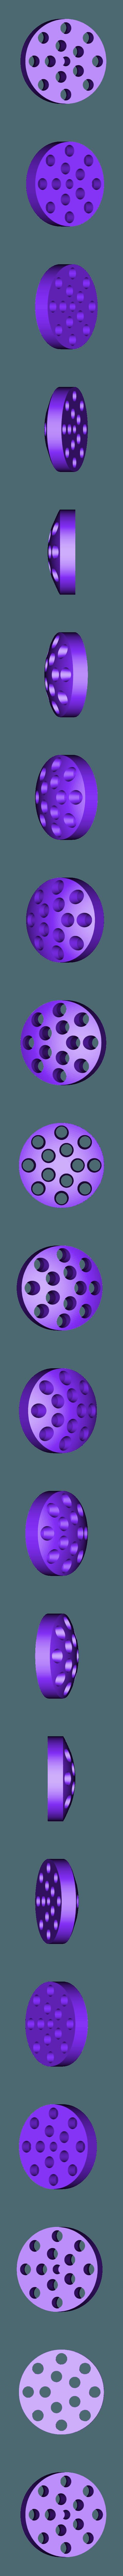 R8 Collet Top.stl Download STL file R8 Collet Spinning Holder • Design to 3D print, GForceFX